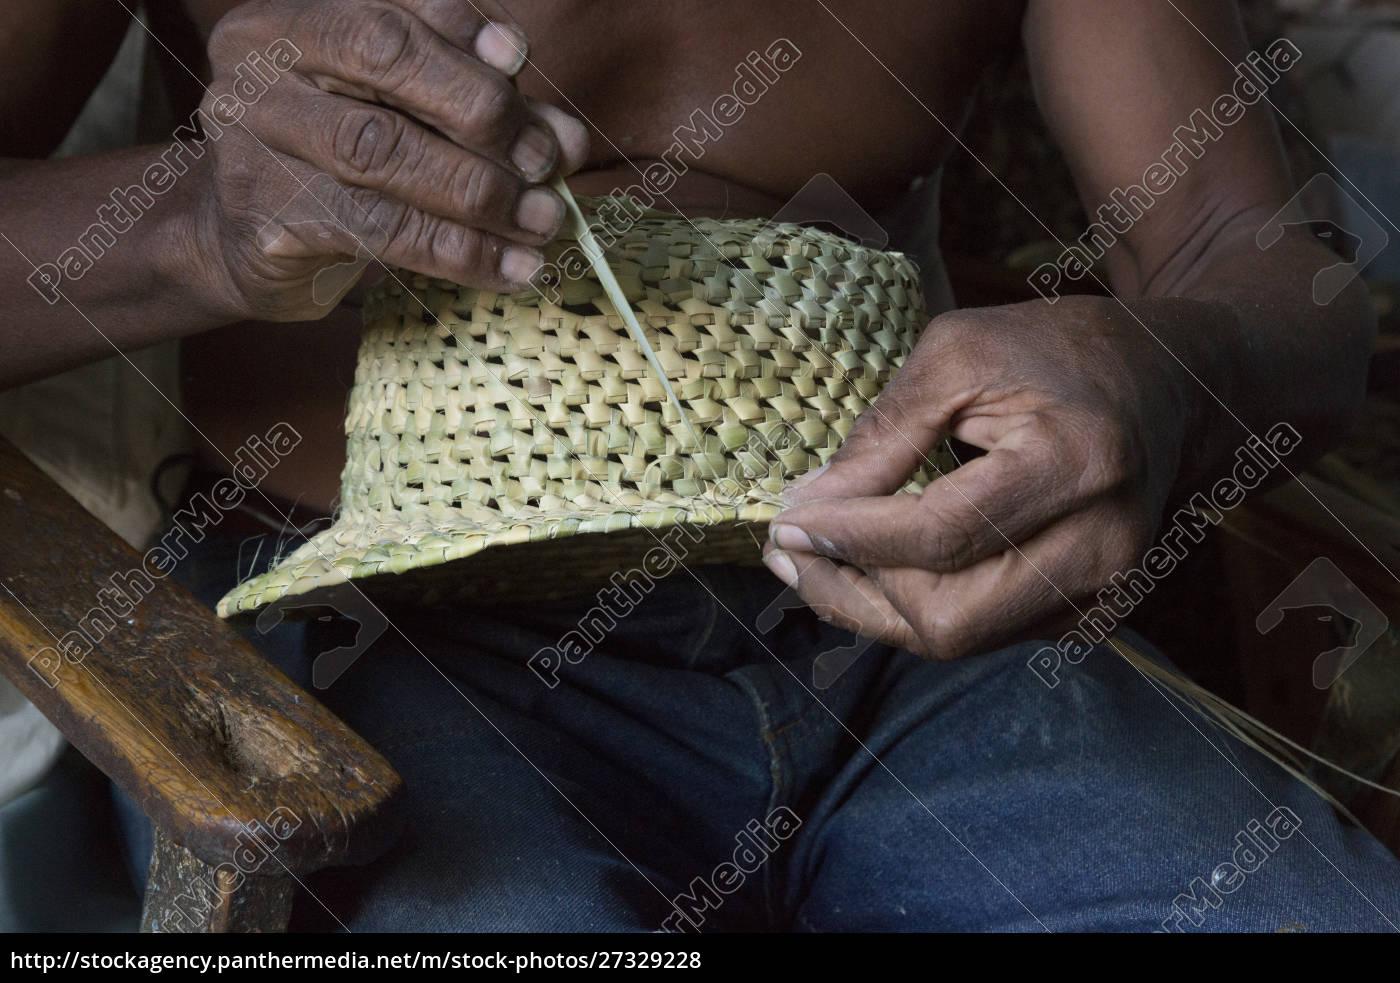 cuba, , trinidad, , hands, weaving, straw, hat - 27329228